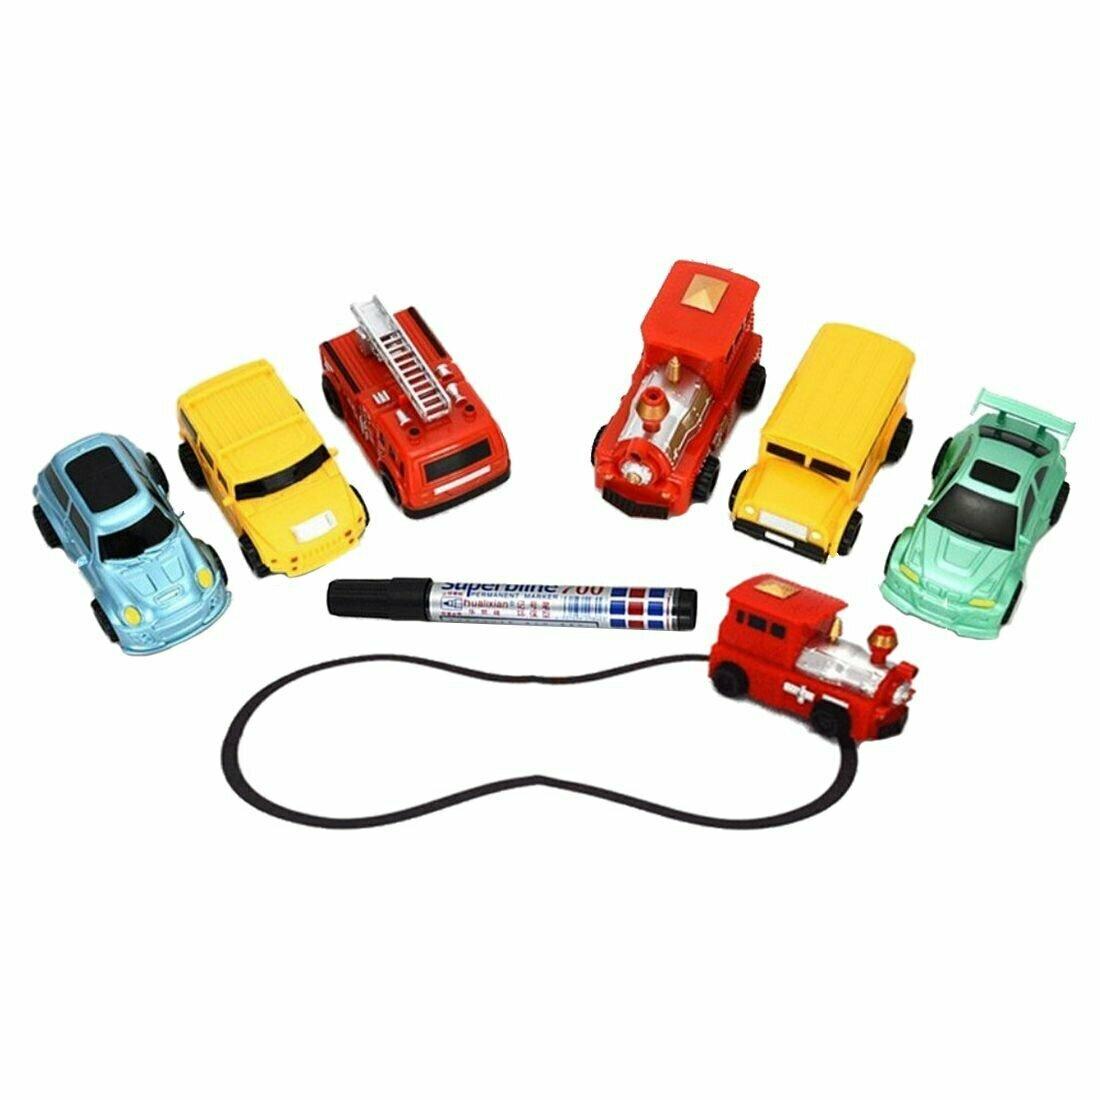 Inductive car - инновационная игрушка